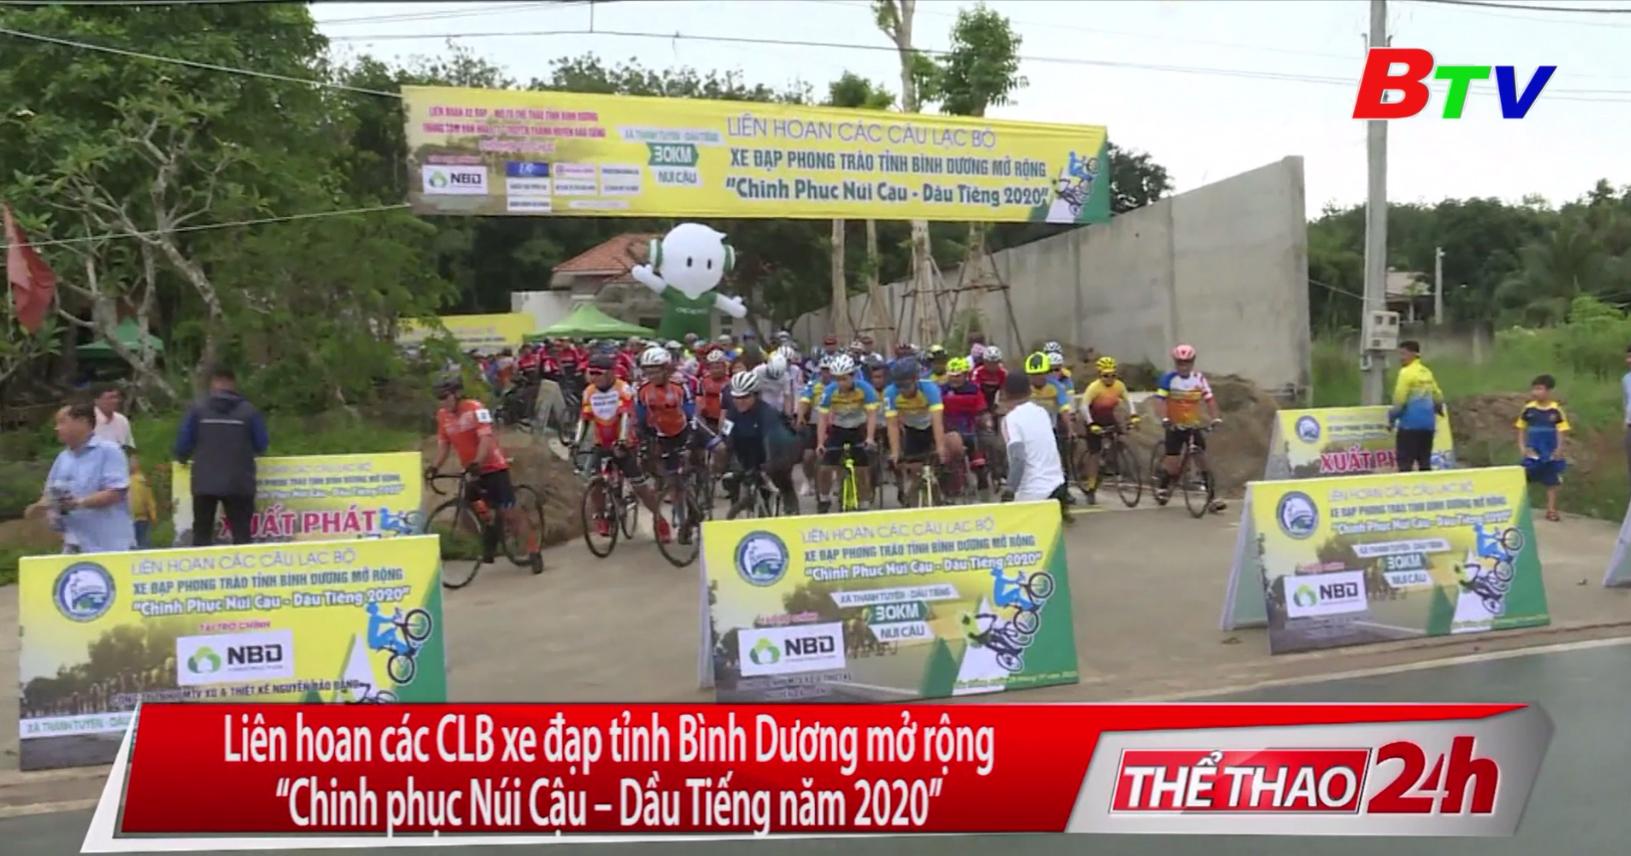 """Liên hoan các Câu lạc bộ xe đạp phong trào tỉnh Bình Dương mở rộng """"Chinh phục Núi Cậu - Dầu Tiếng năm 2020"""""""